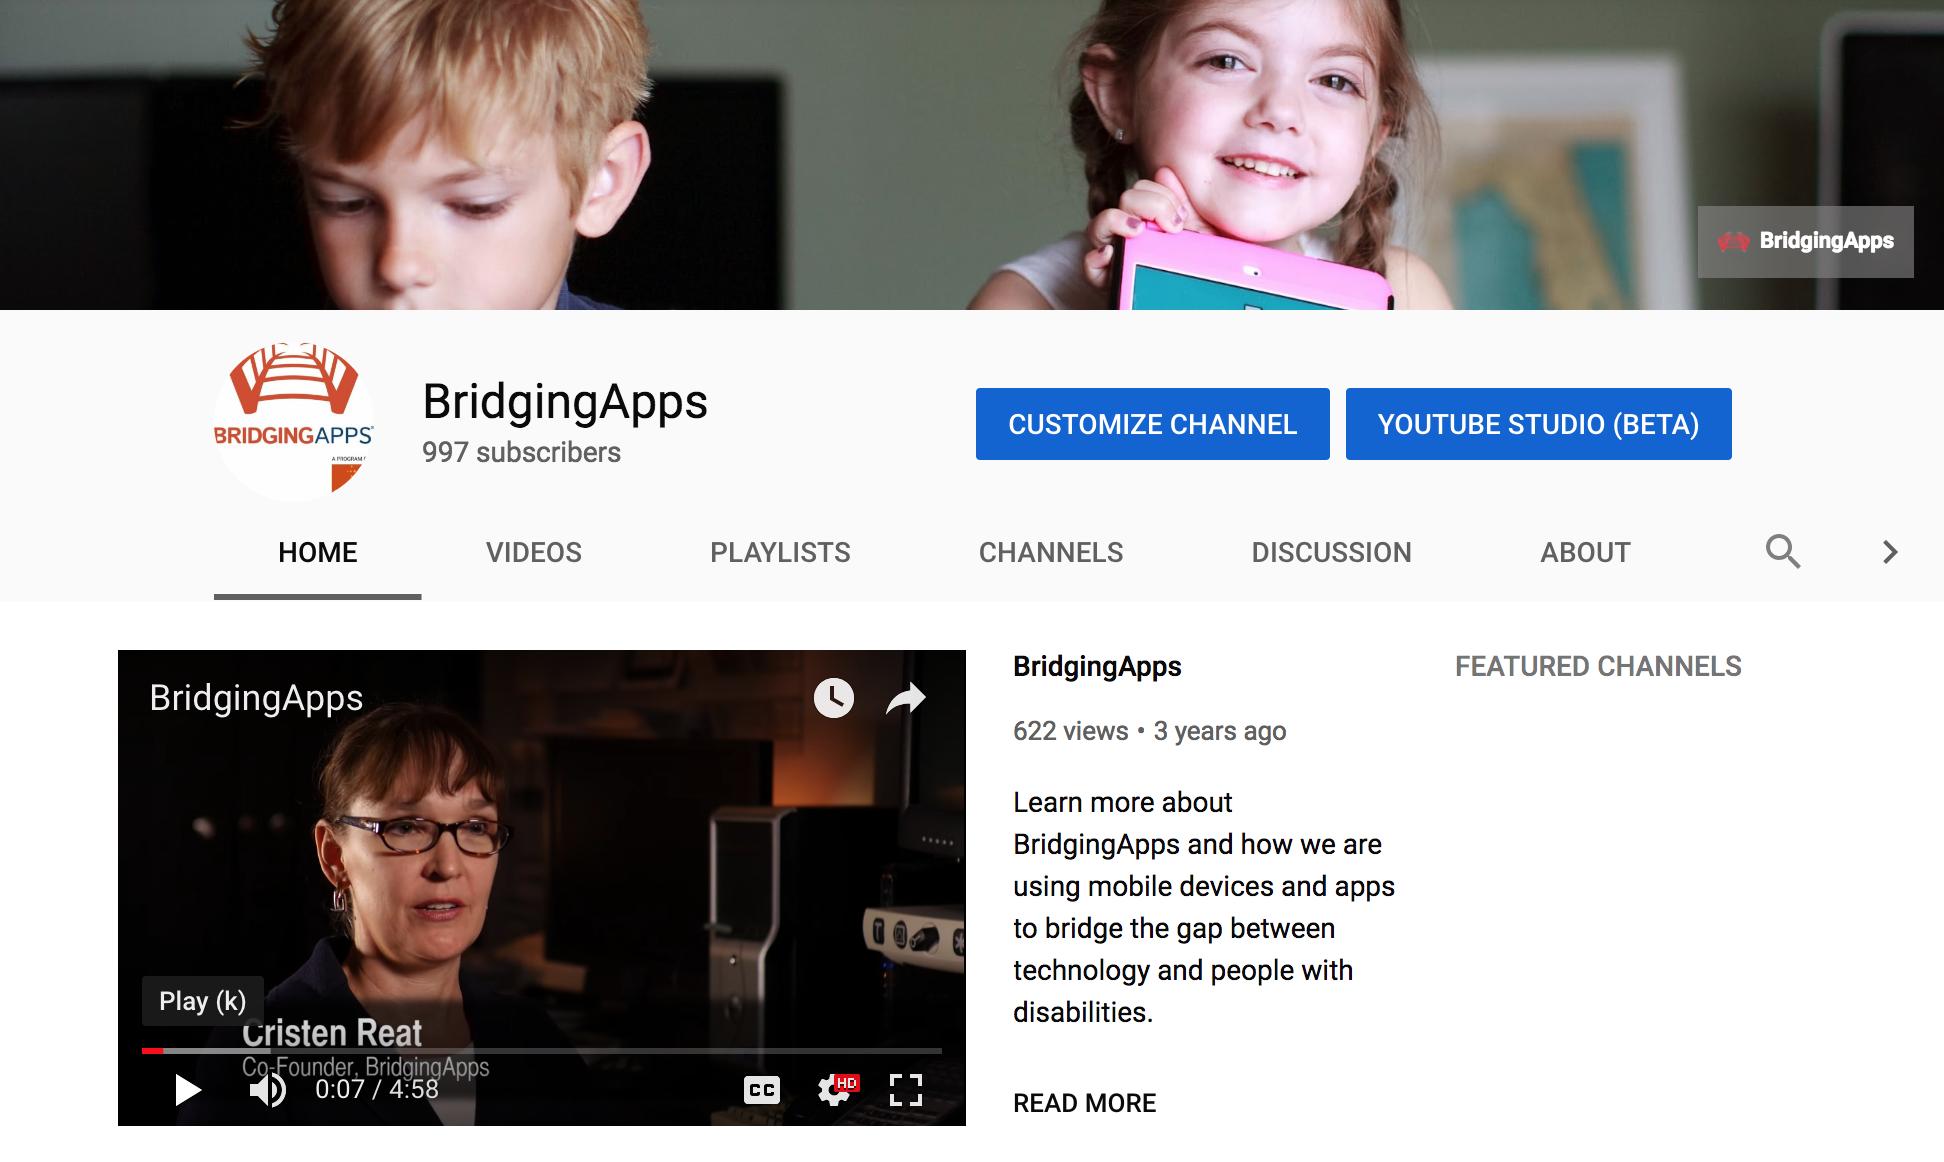 BridgingApps YouTube